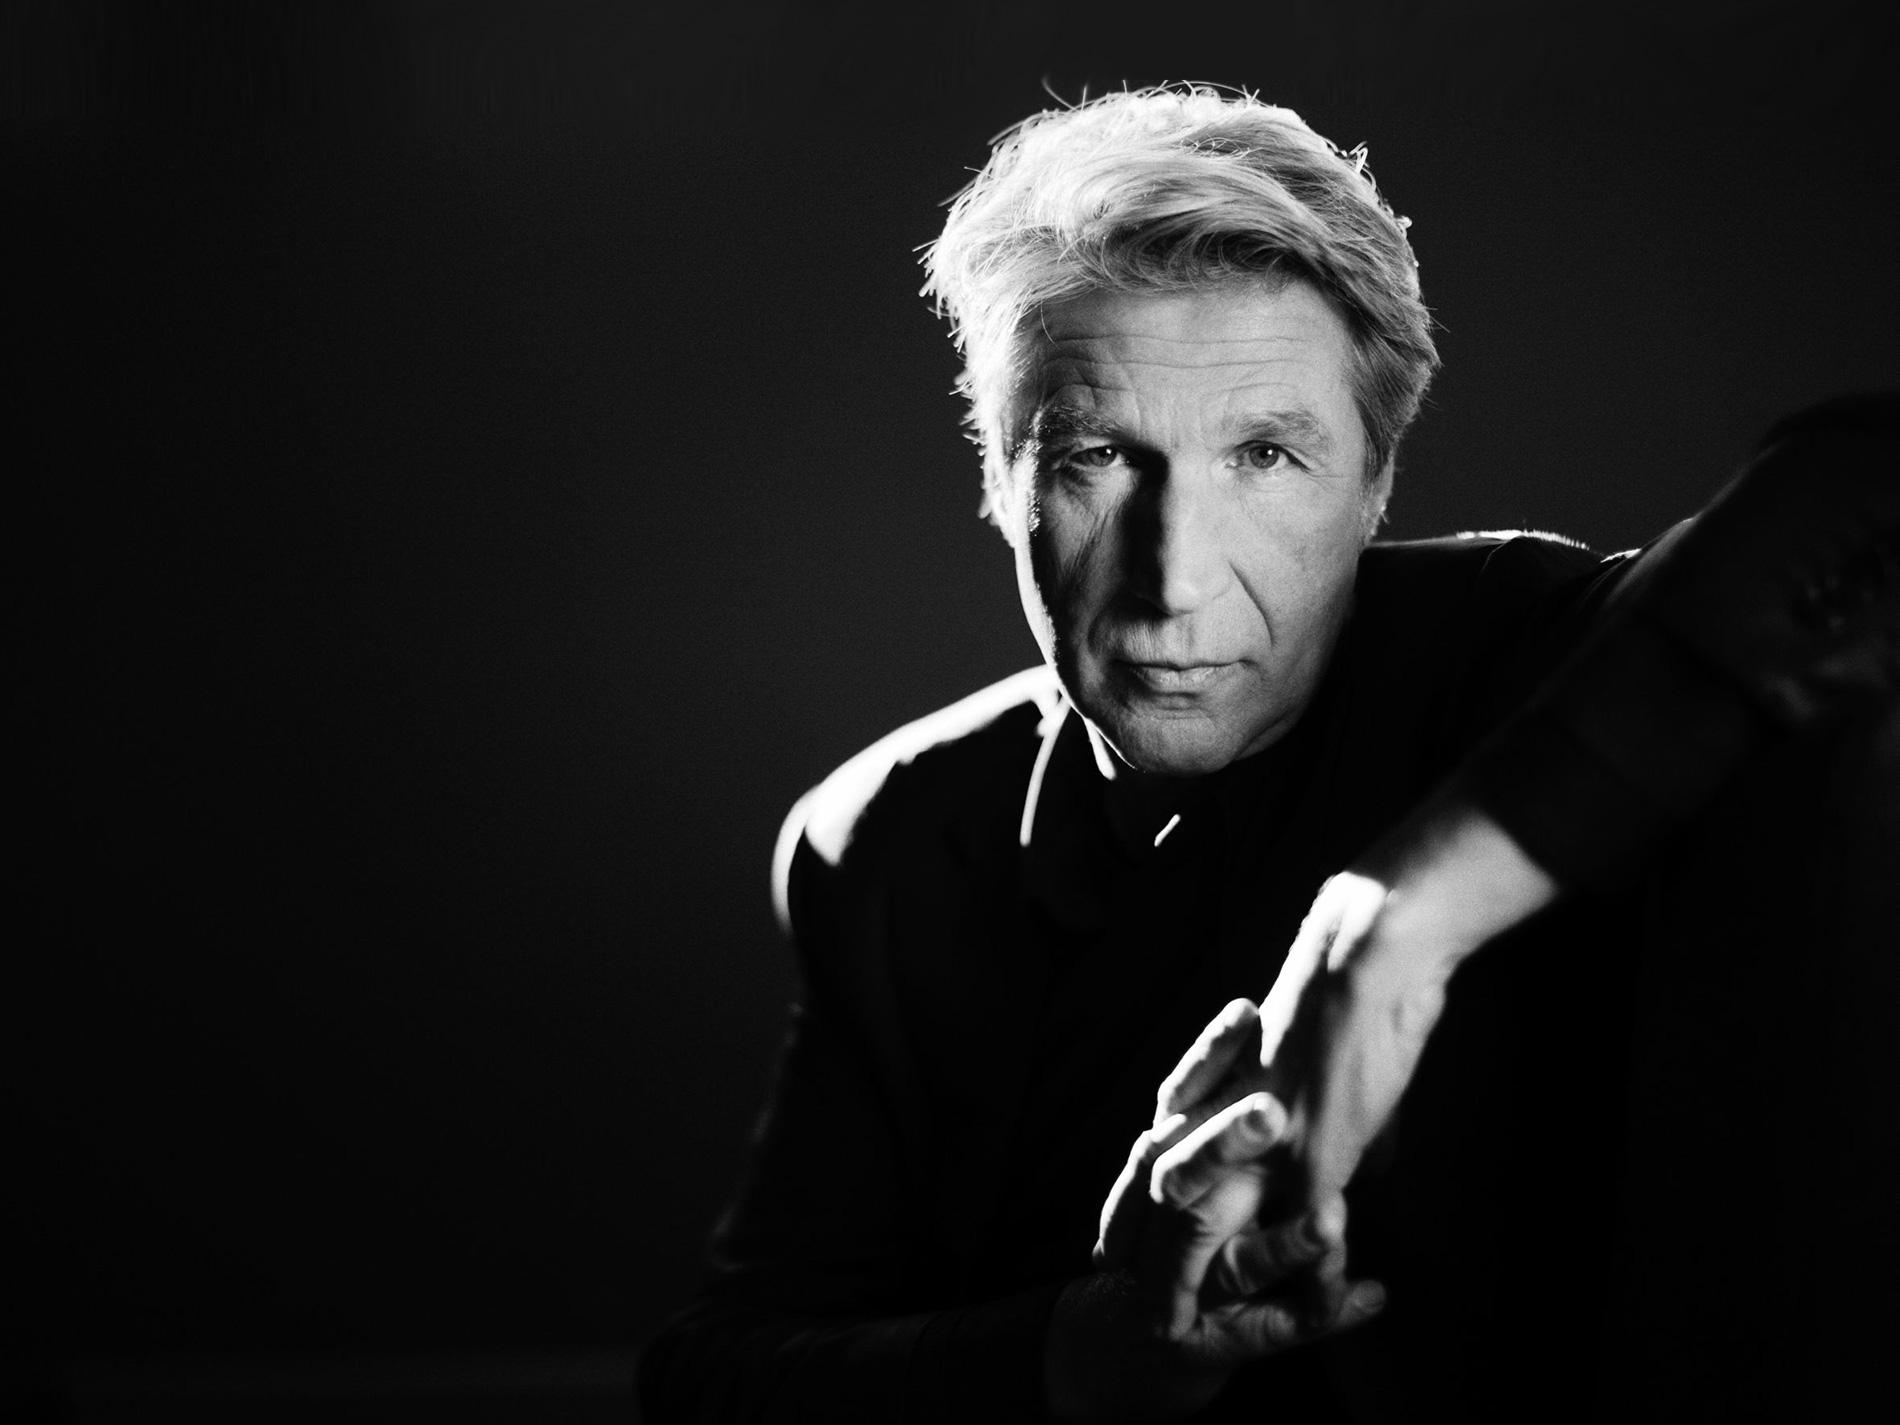 Frank Boeijen persfoto 2015 - Károly Effenberger